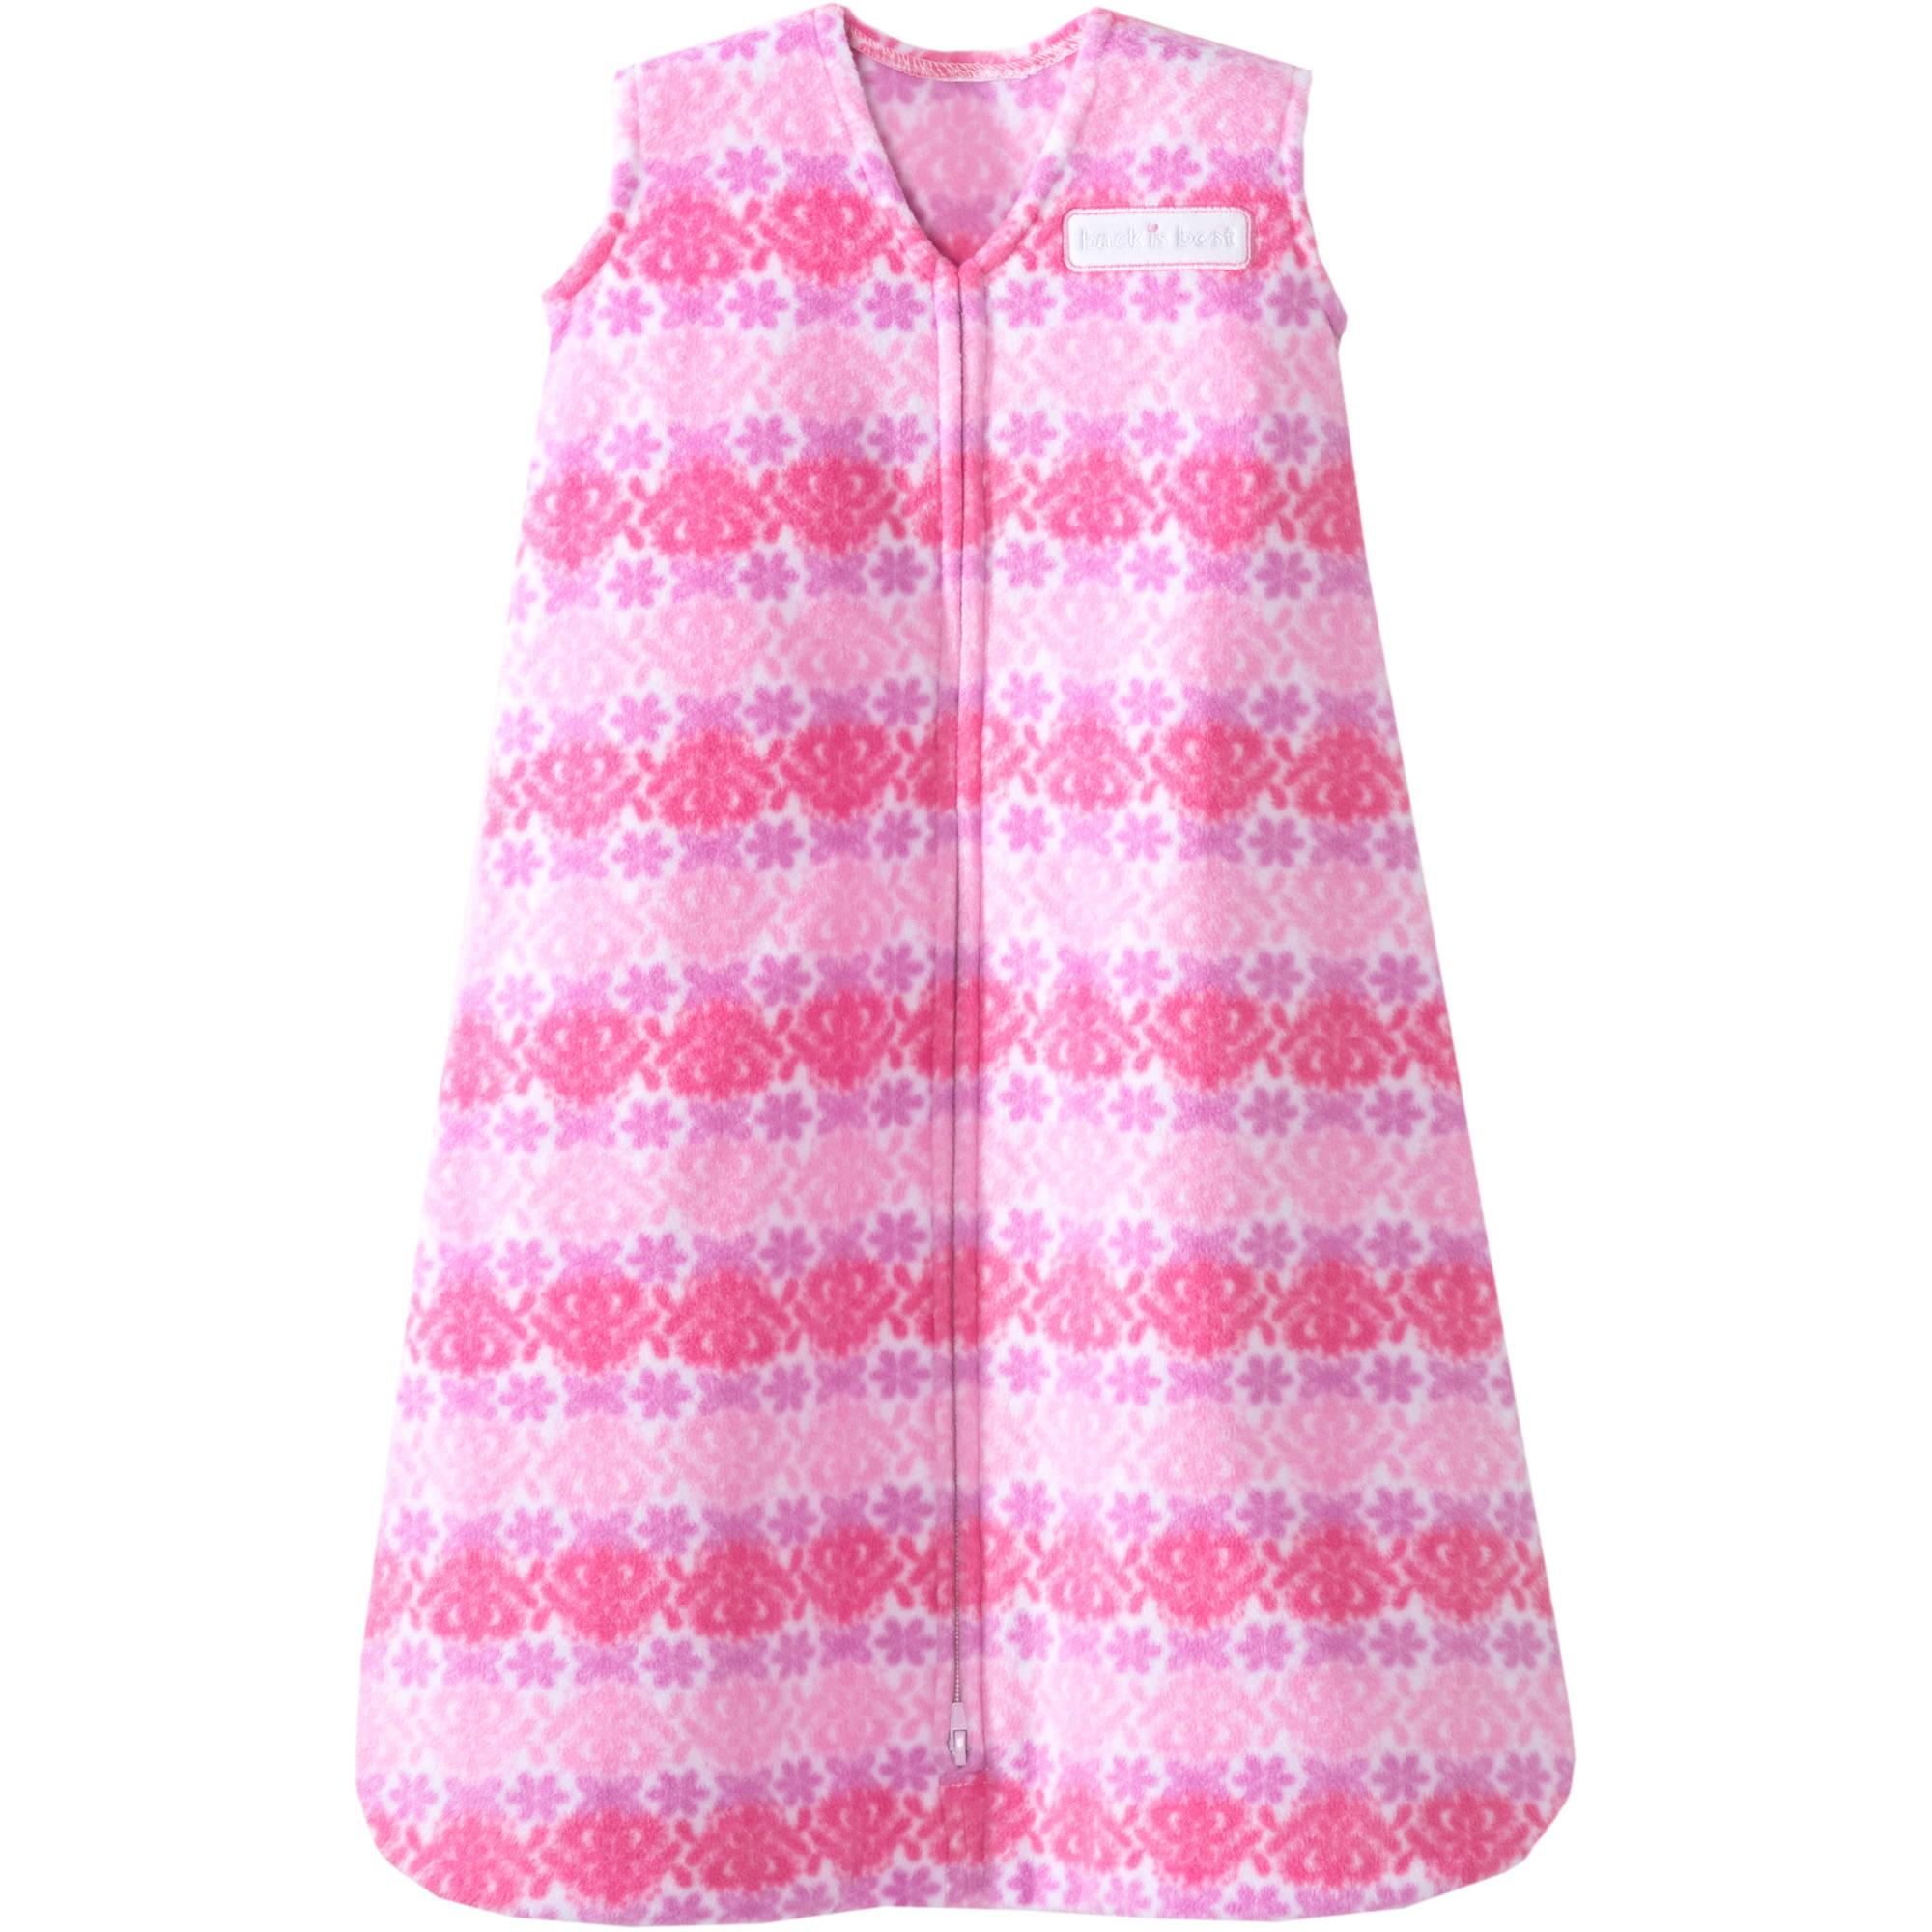 HALO SleepSack Wearable Blanket, Microfleece, Soft Pink, Small